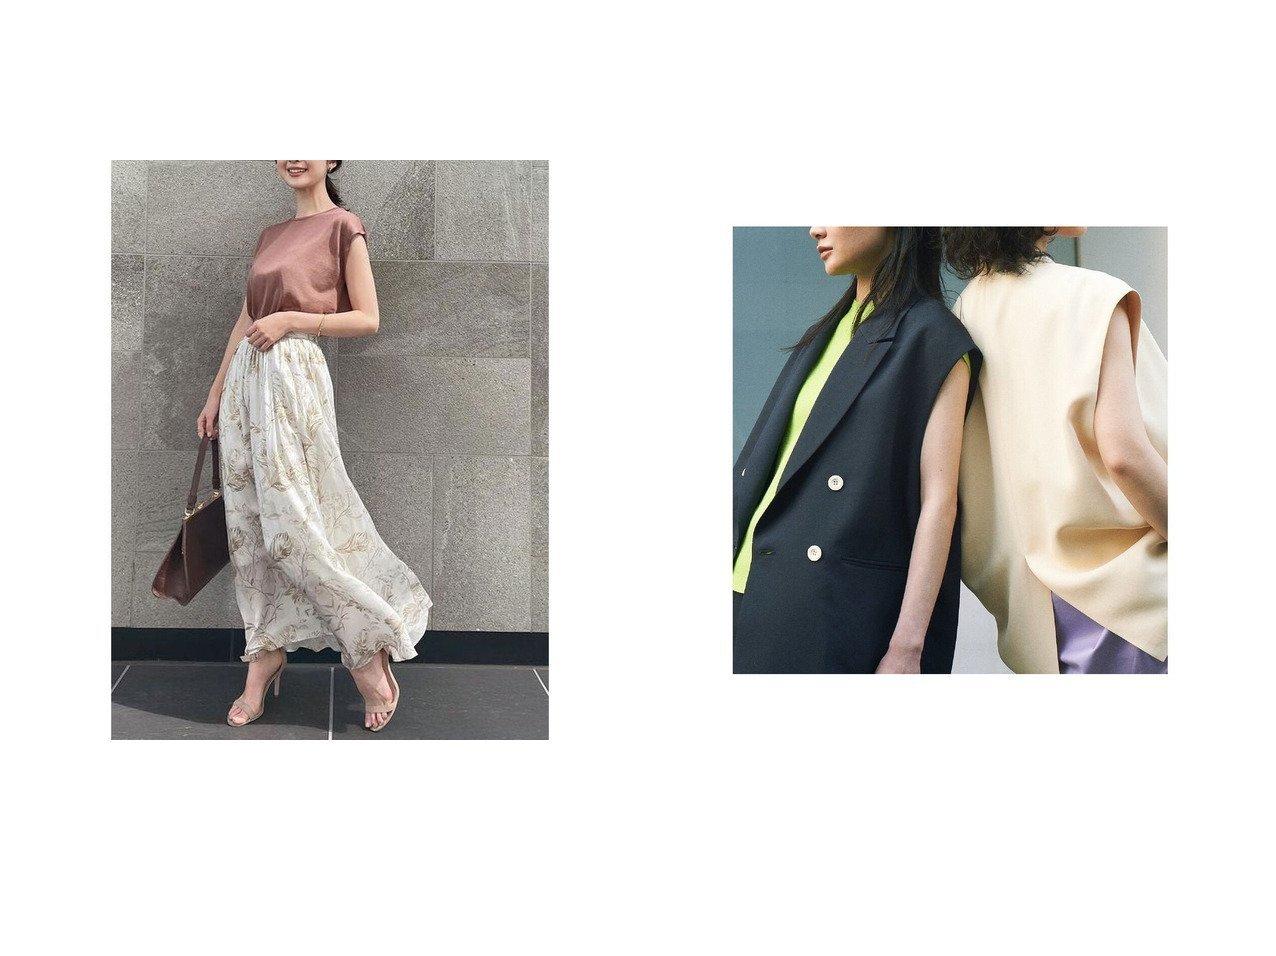 【lautreamont BLEU BLANC/ロートレアモン ブルー ブラン】のストレッチツイルジレ【セットアップ対応】&【anuans/アニュアンス】のリーフパターンギャザースカート おすすめ!人気、トレンド・レディースファッションの通販 おすすめで人気の流行・トレンド、ファッションの通販商品 インテリア・家具・メンズファッション・キッズファッション・レディースファッション・服の通販 founy(ファニー) https://founy.com/ ファッション Fashion レディースファッション WOMEN スカート Skirt アウター Coat Outerwear トップス・カットソー Tops/Tshirt ベスト/ジレ Gilets/Vests プリント リーフ 2021年 2021 2021春夏・S/S SS/Spring/Summer/2021 S/S・春夏 SS・Spring/Summer イエロー ショート シンプル ジャケット ストレッチ セットアップ ノースリーブ パターン ベーシック マニッシュ 夏 Summer 春 Spring |ID:crp329100000047977